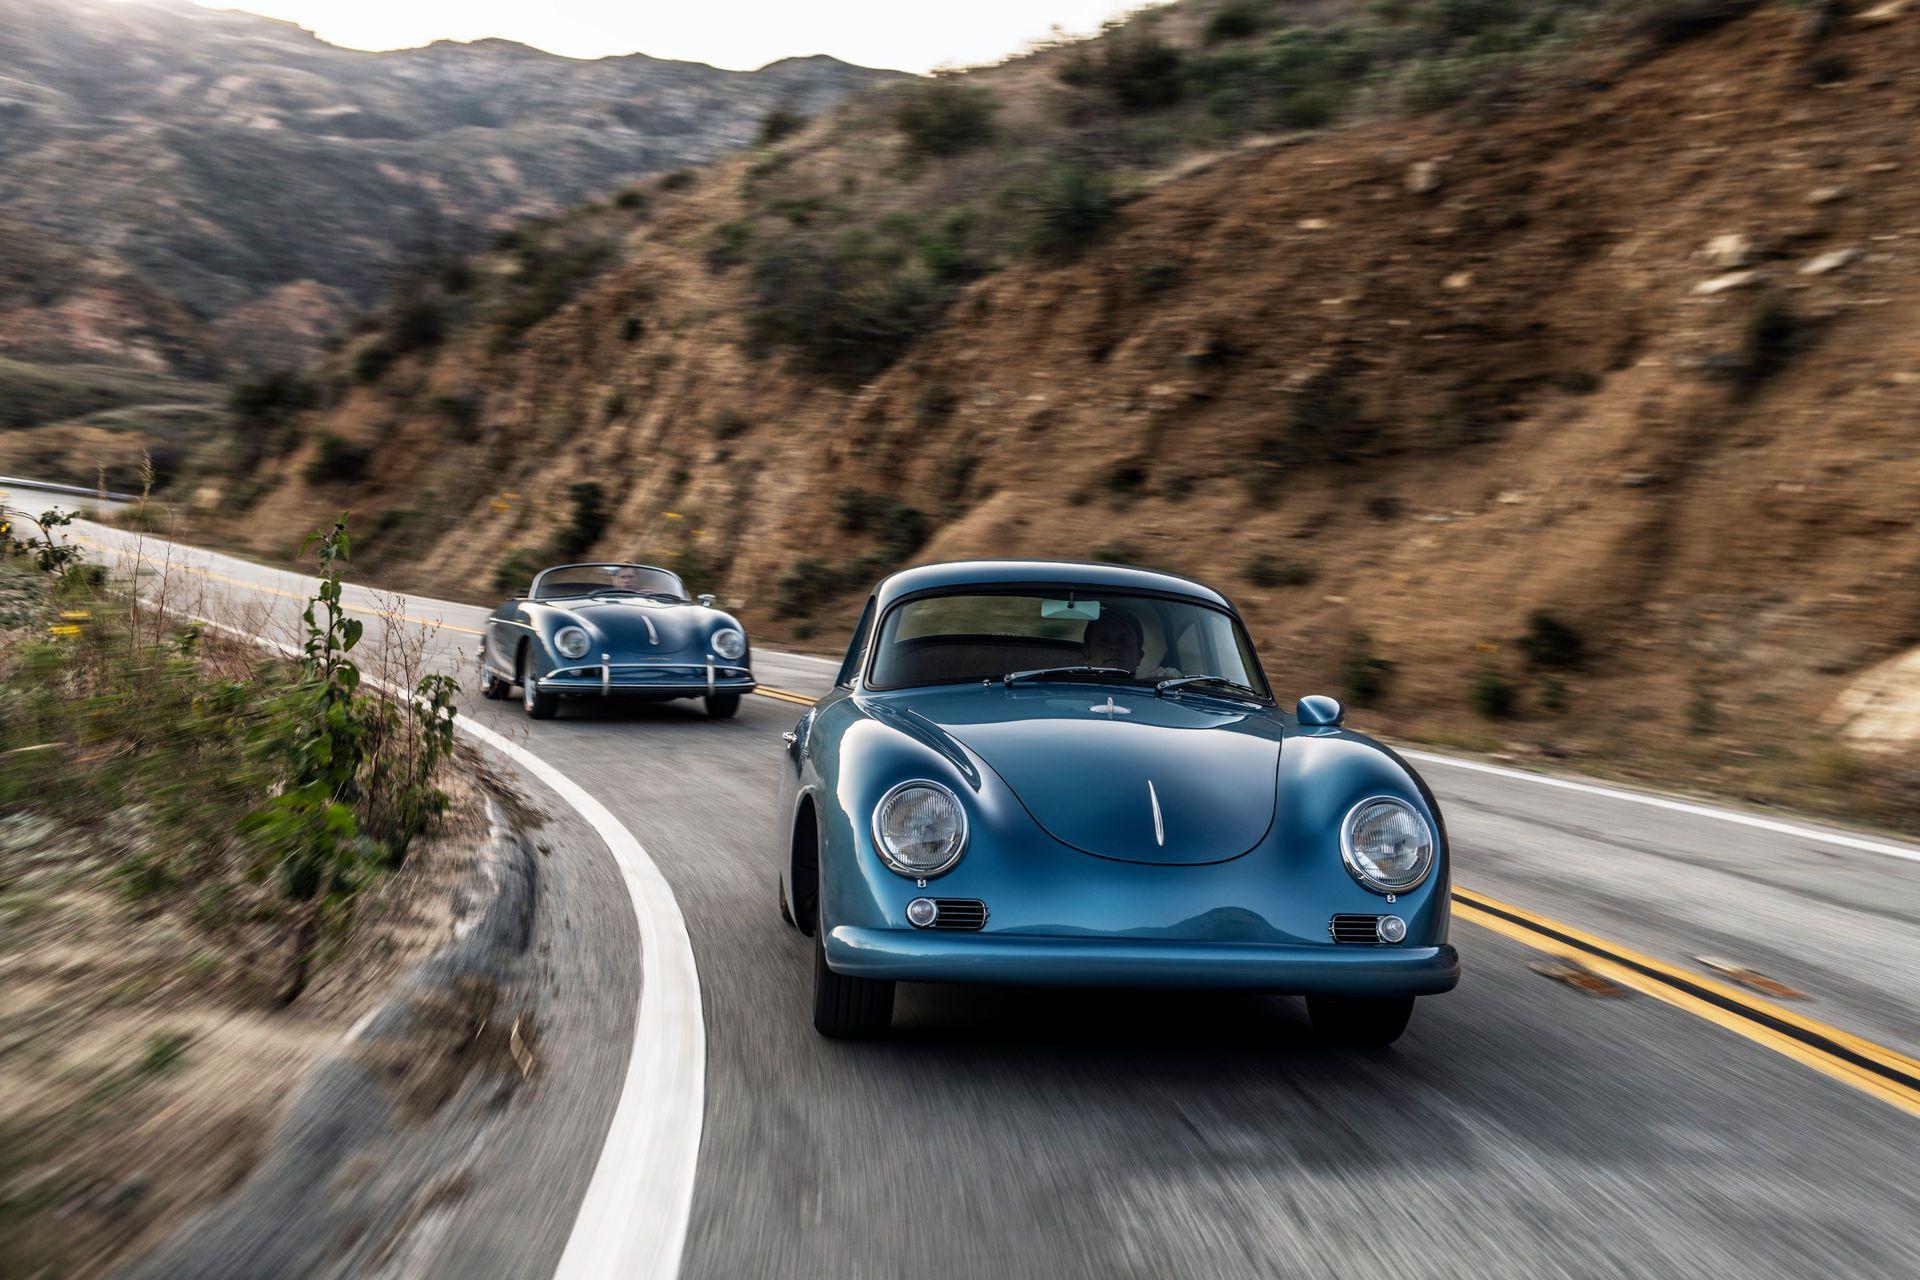 Porsche-356-A-Coupe-Restomod-Emory-Motorsports-22